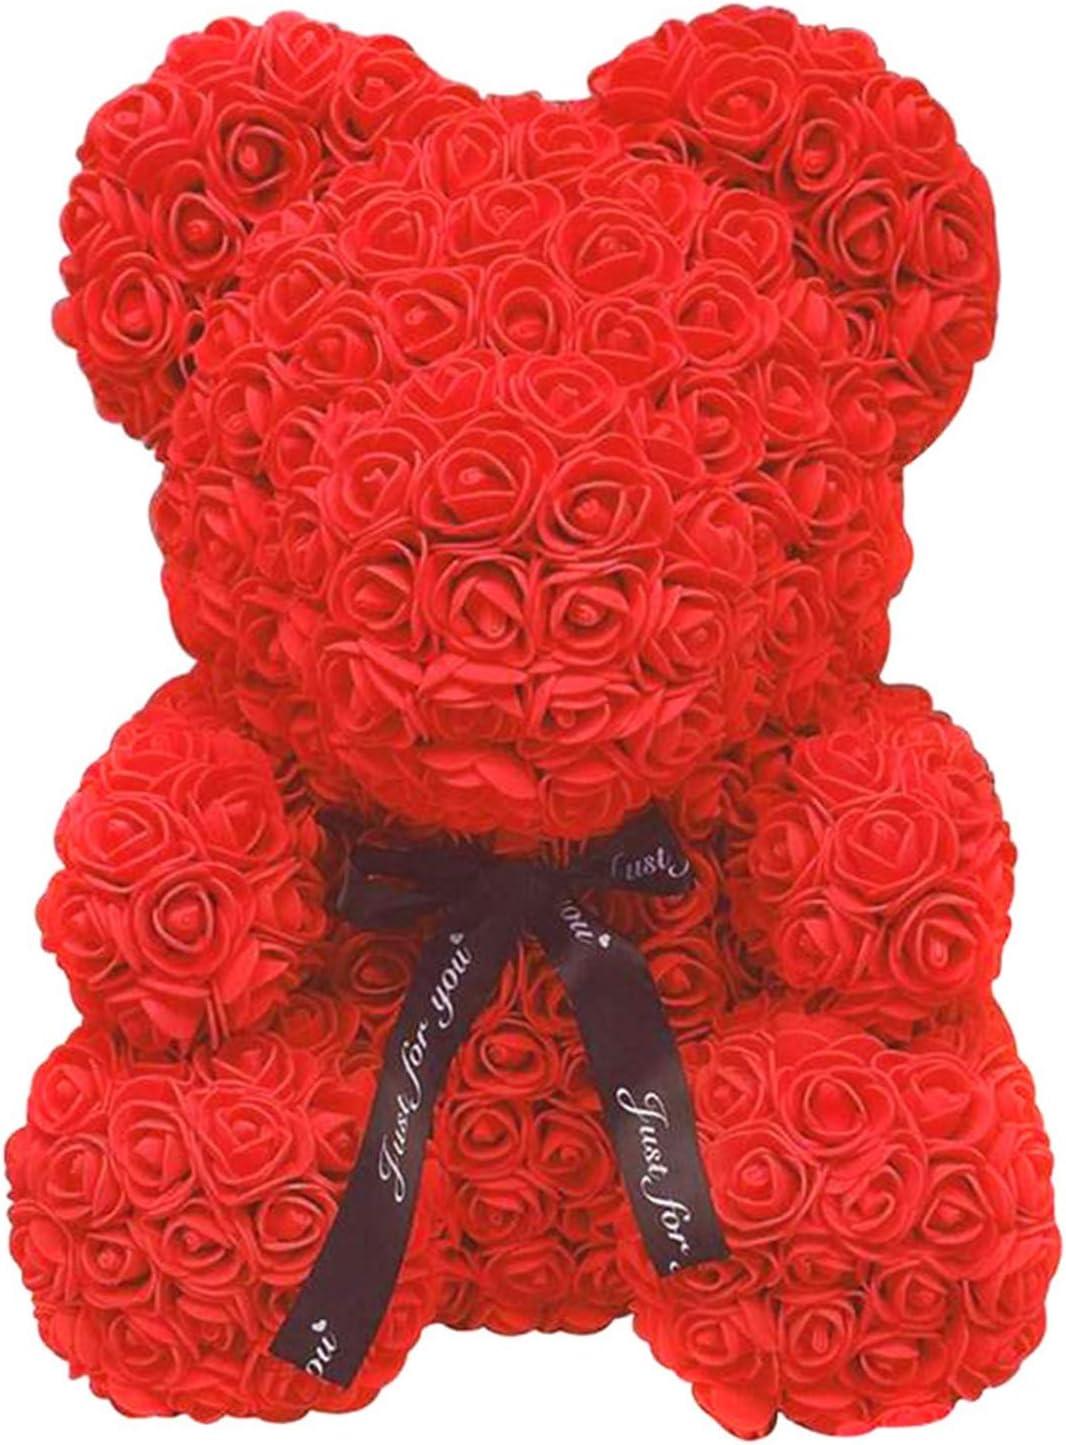 Decor Kitchen Girl Serves Flowers to Bear Girls Room,